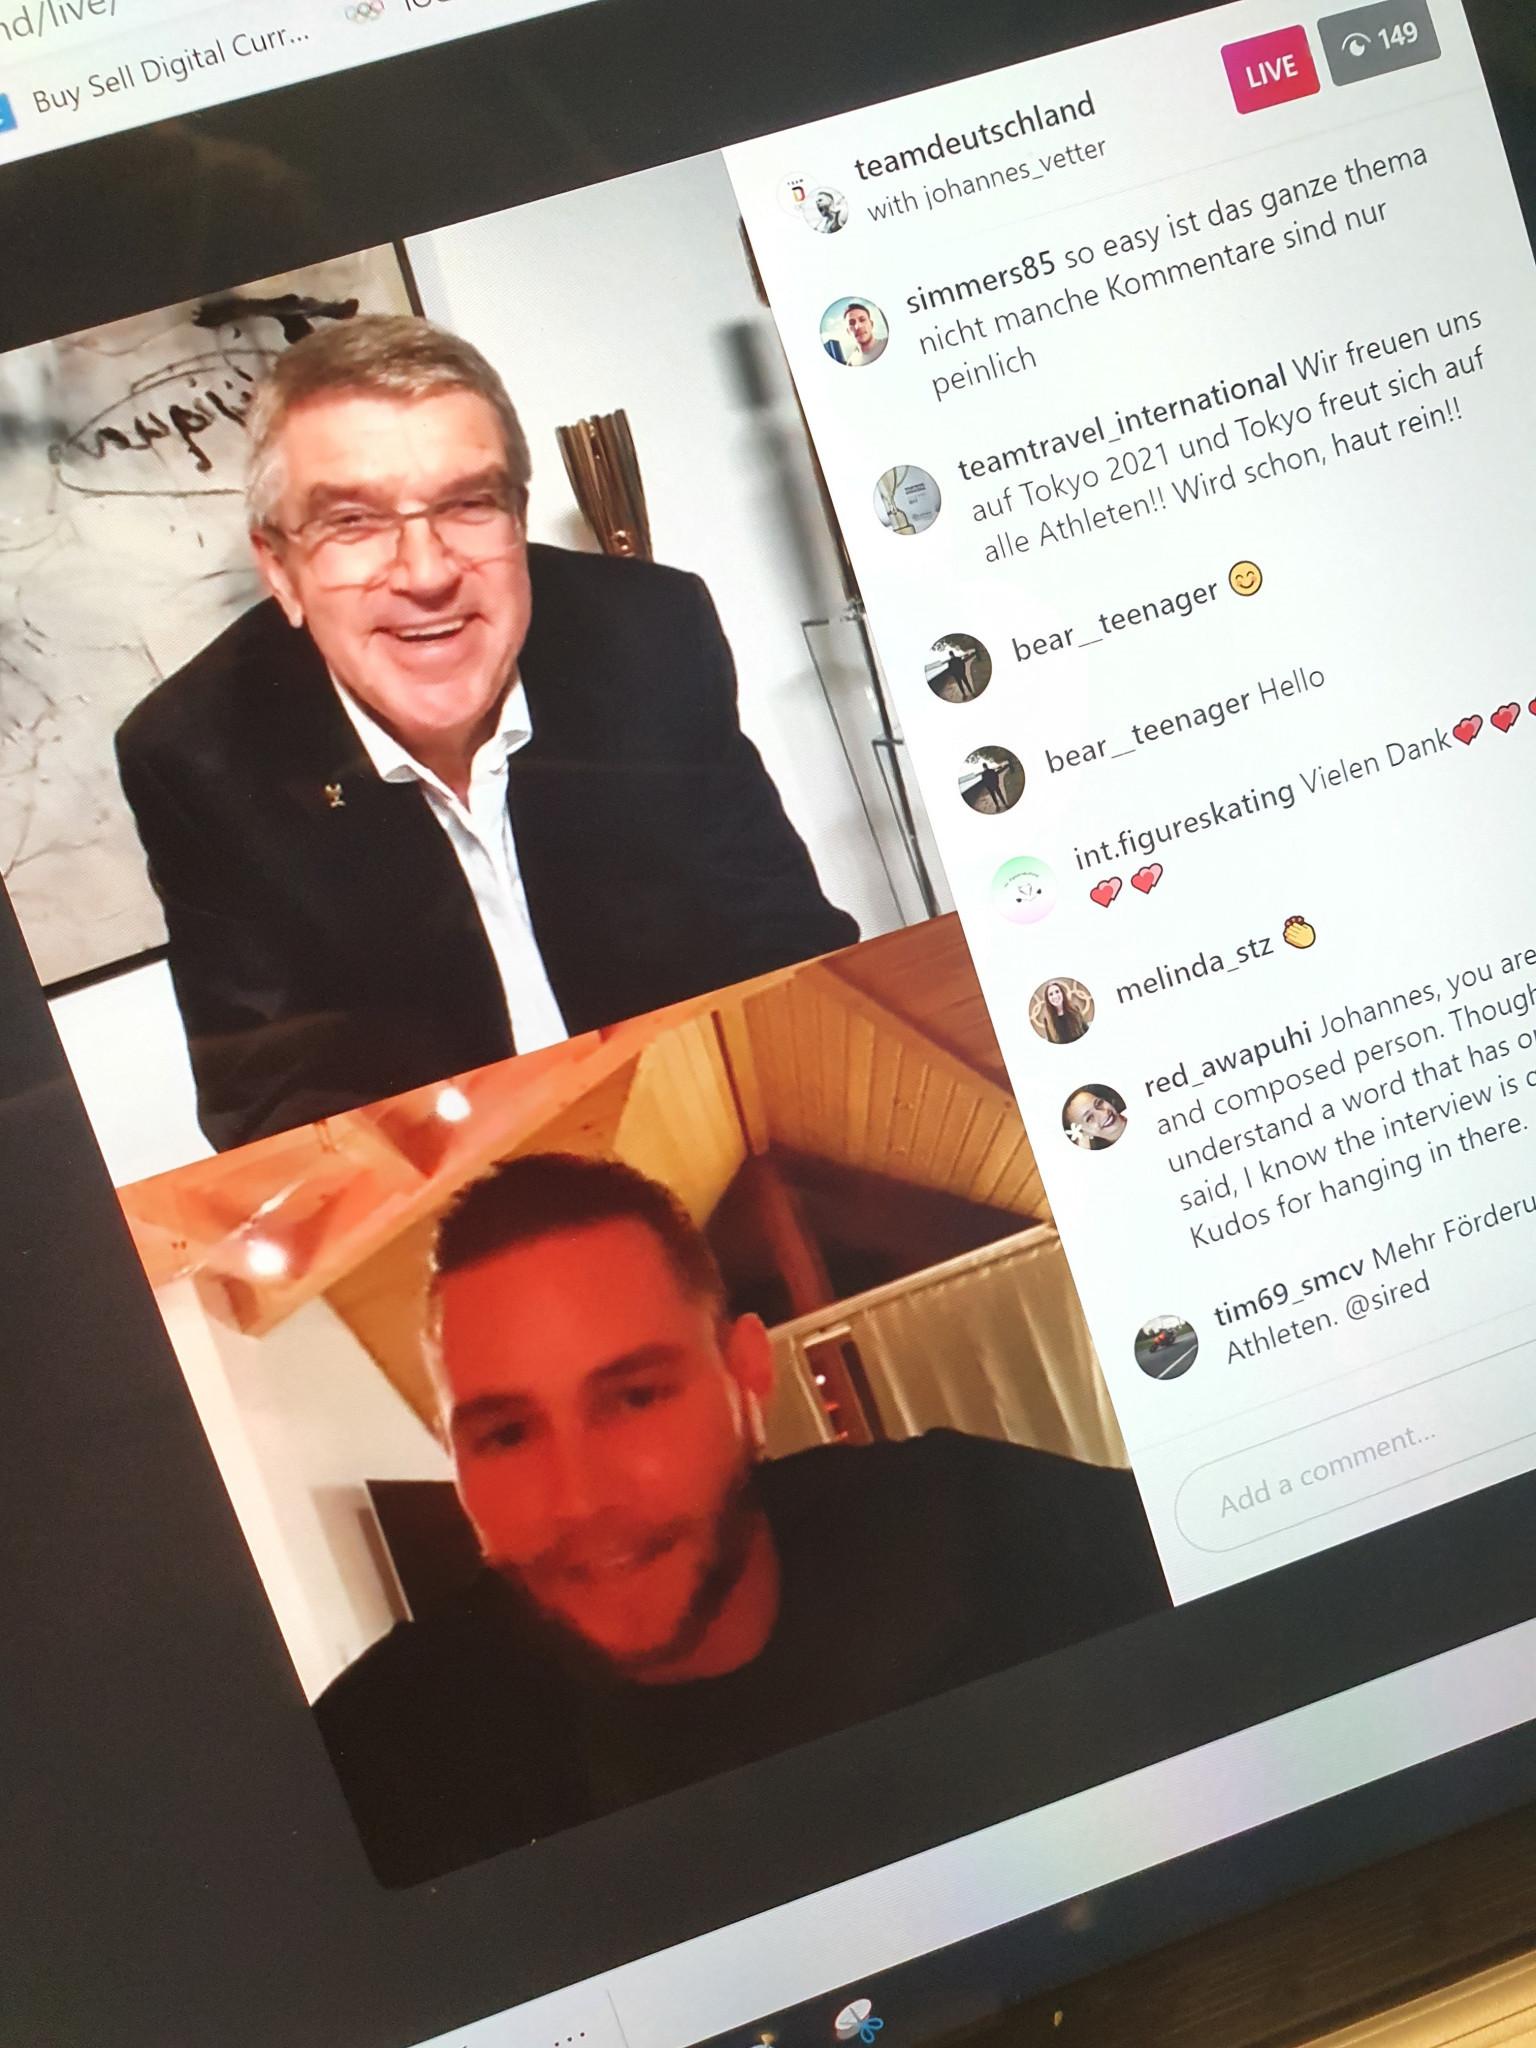 IOC President Thomas Bach joined German javelin thrower Johannes Vetter on Instagram Live ©Twitter